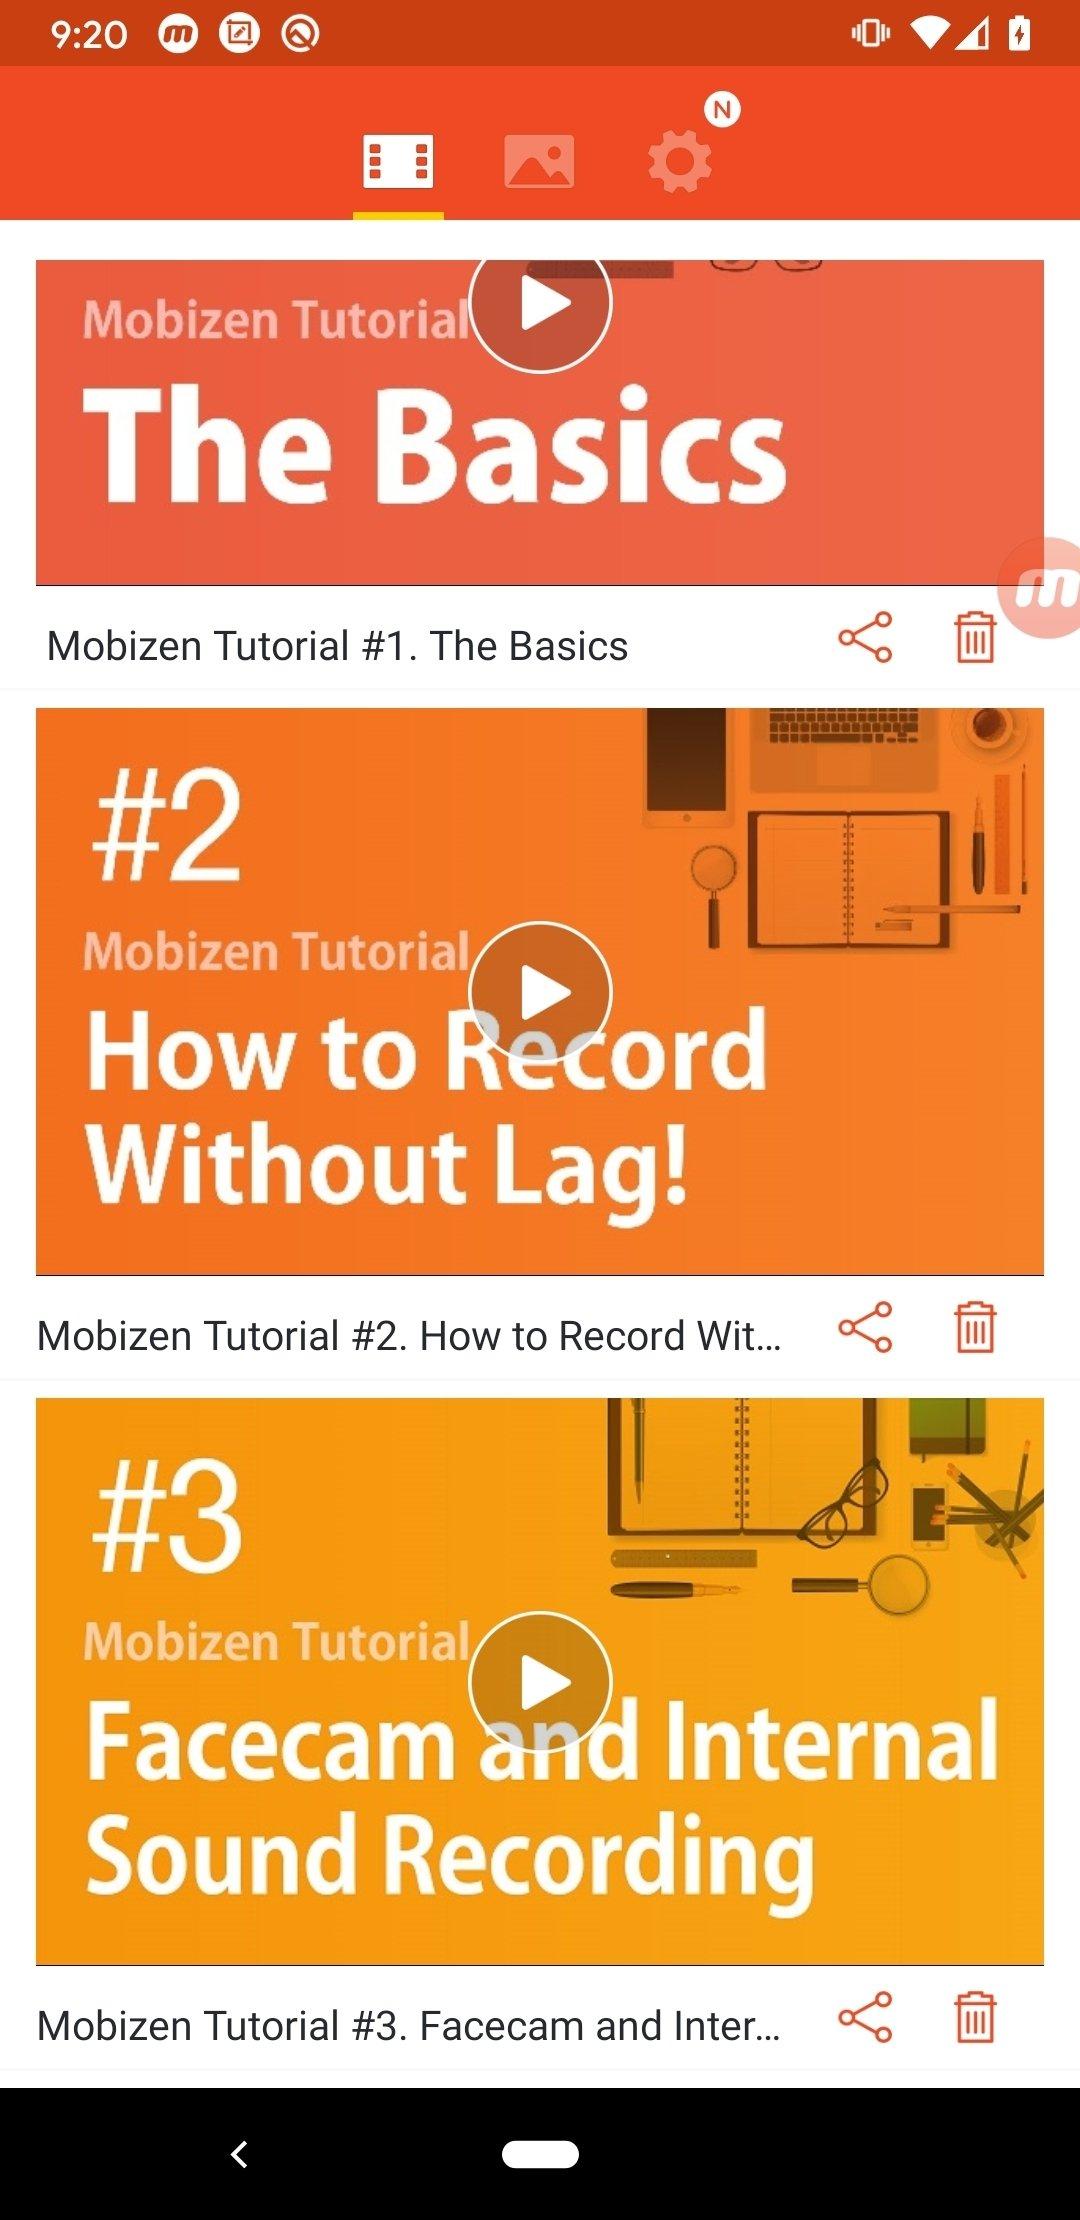 Enregistreur d'écran Mobizen Android image 5